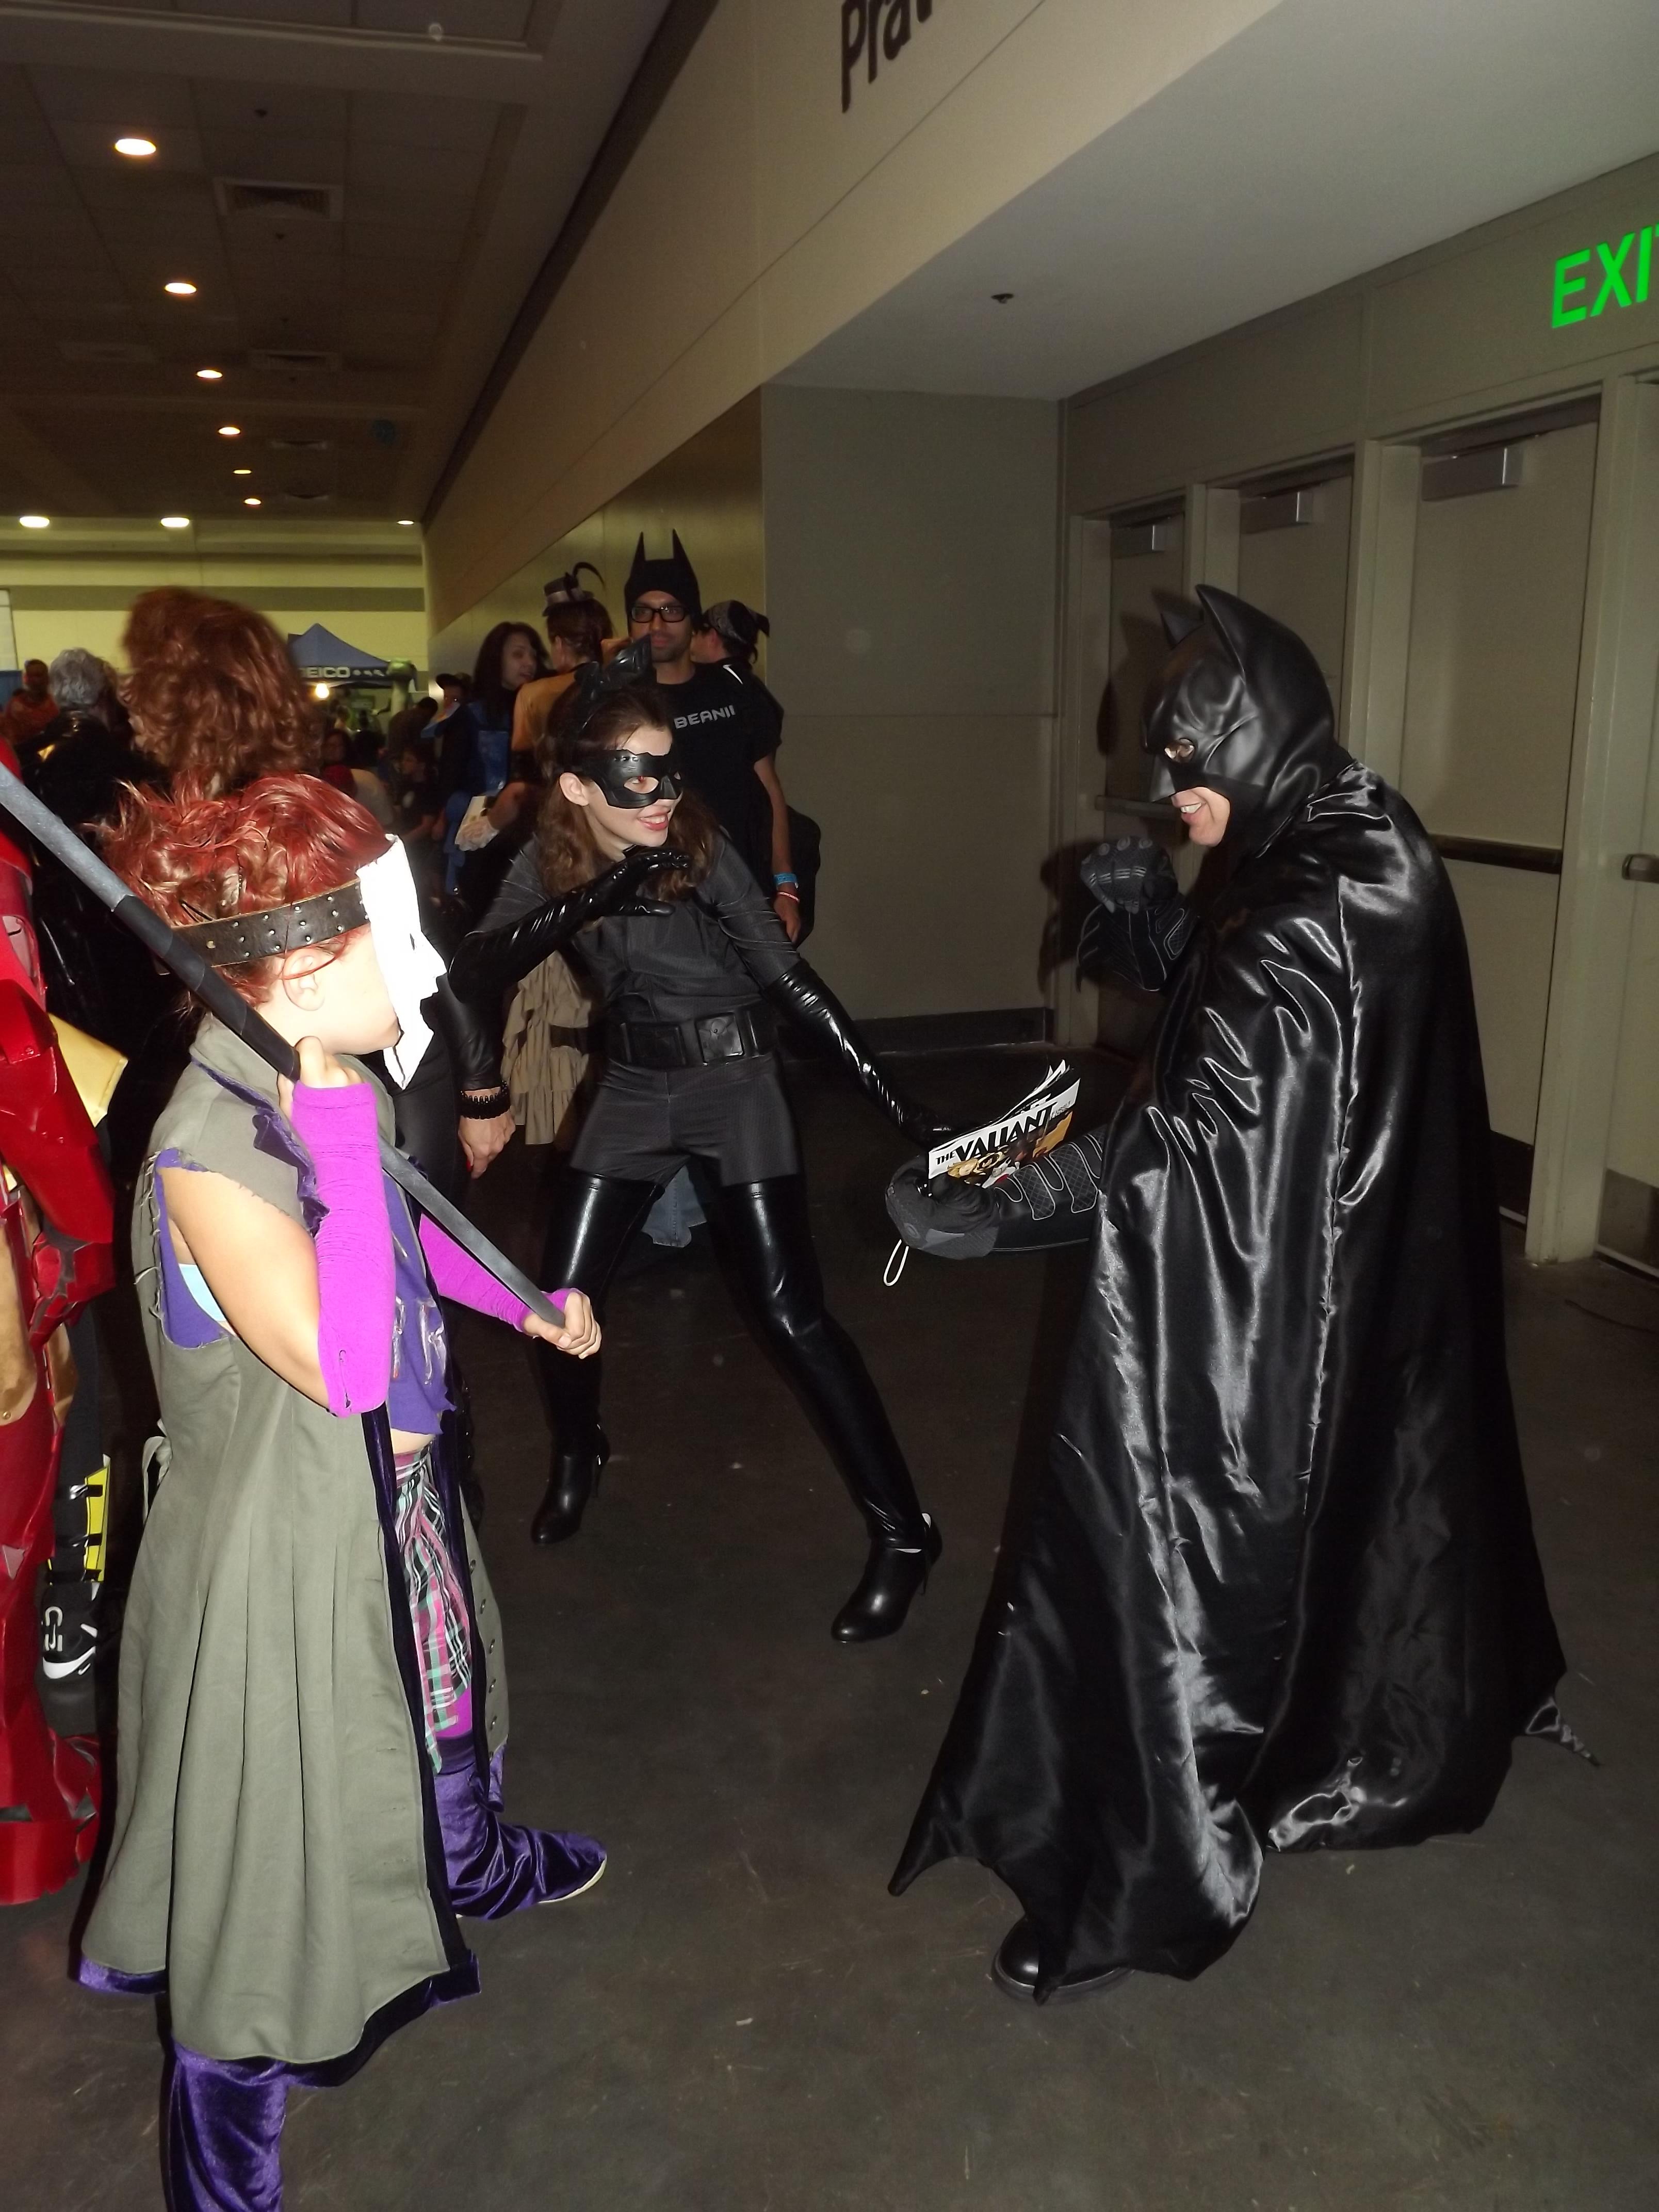 Joker's Daughter and Catwoman vs Batman